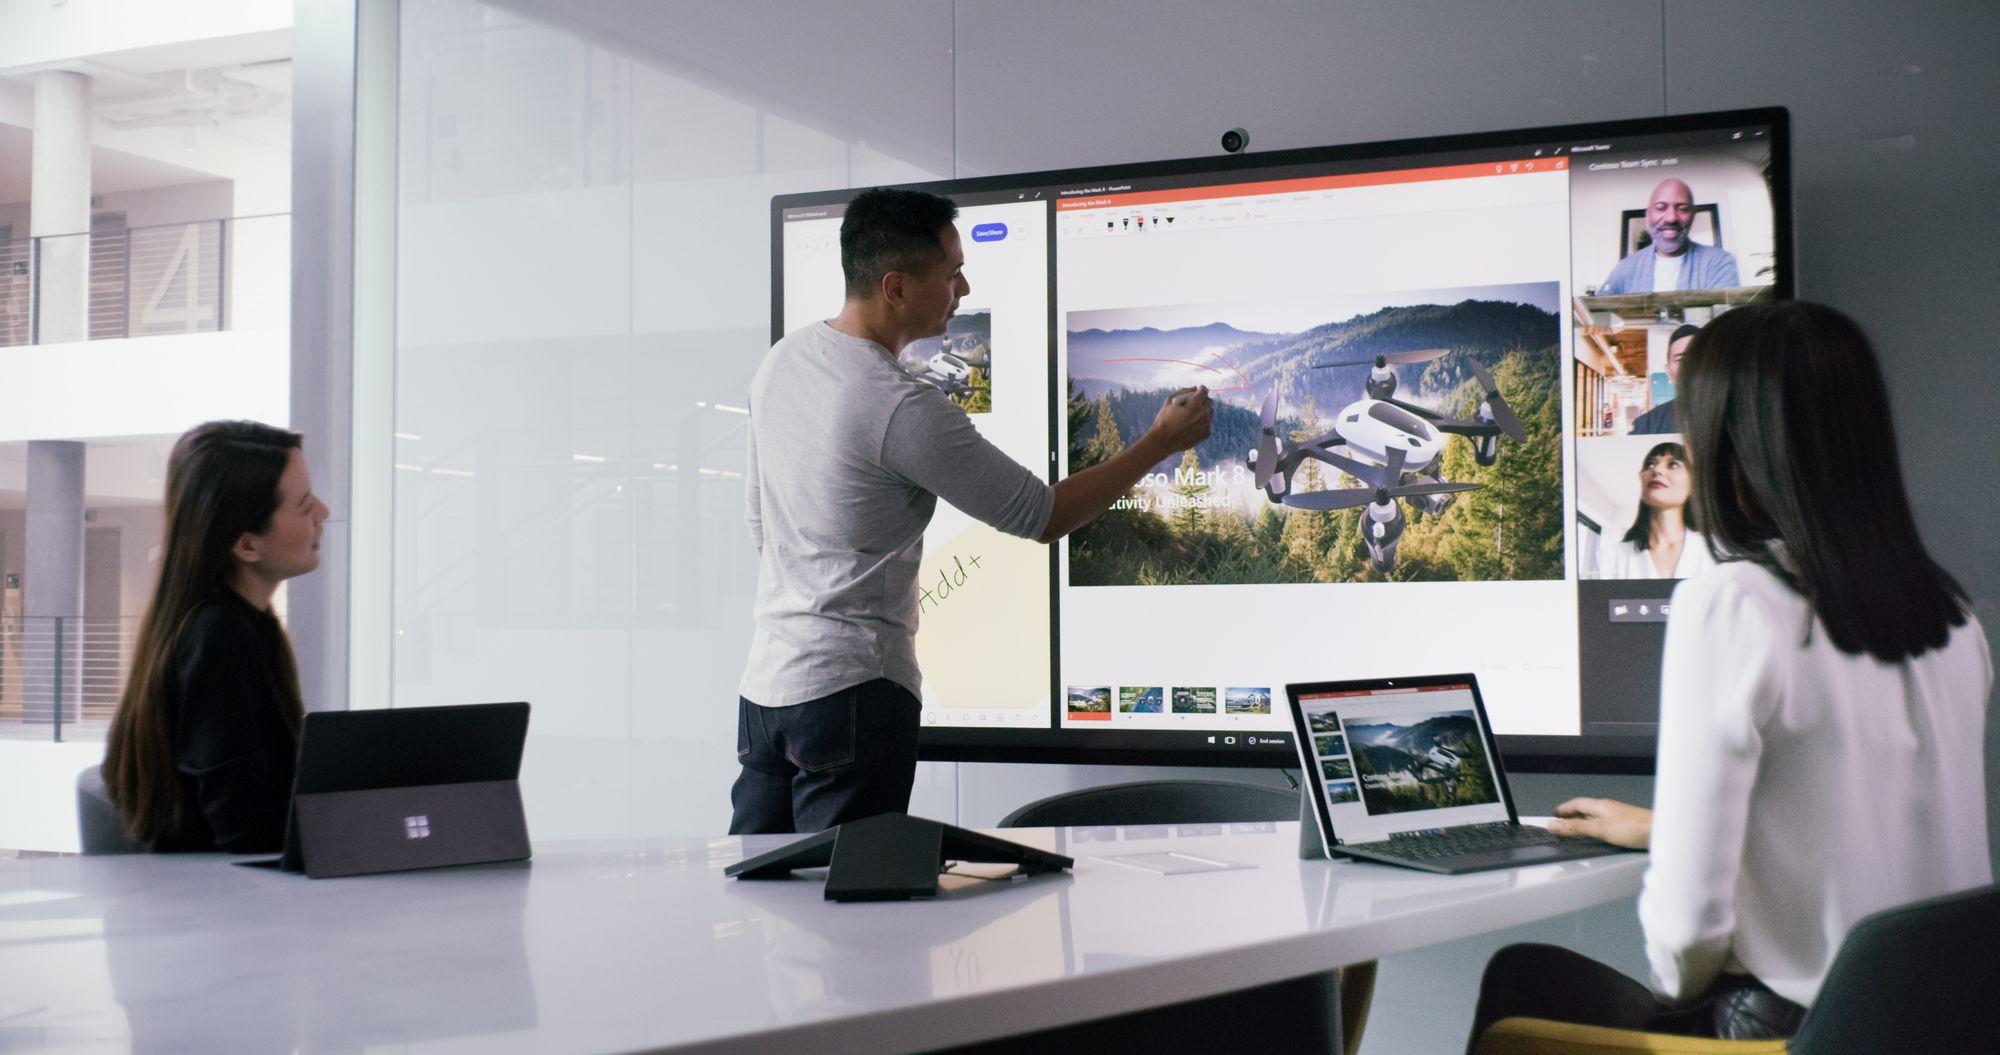 In einem Meetingraum sitzen zwei Frauen mit ihren Surface Geräten an einem Konferenztisch, ein Mann steht am Surface Hub und stellt eine Präsentation vor